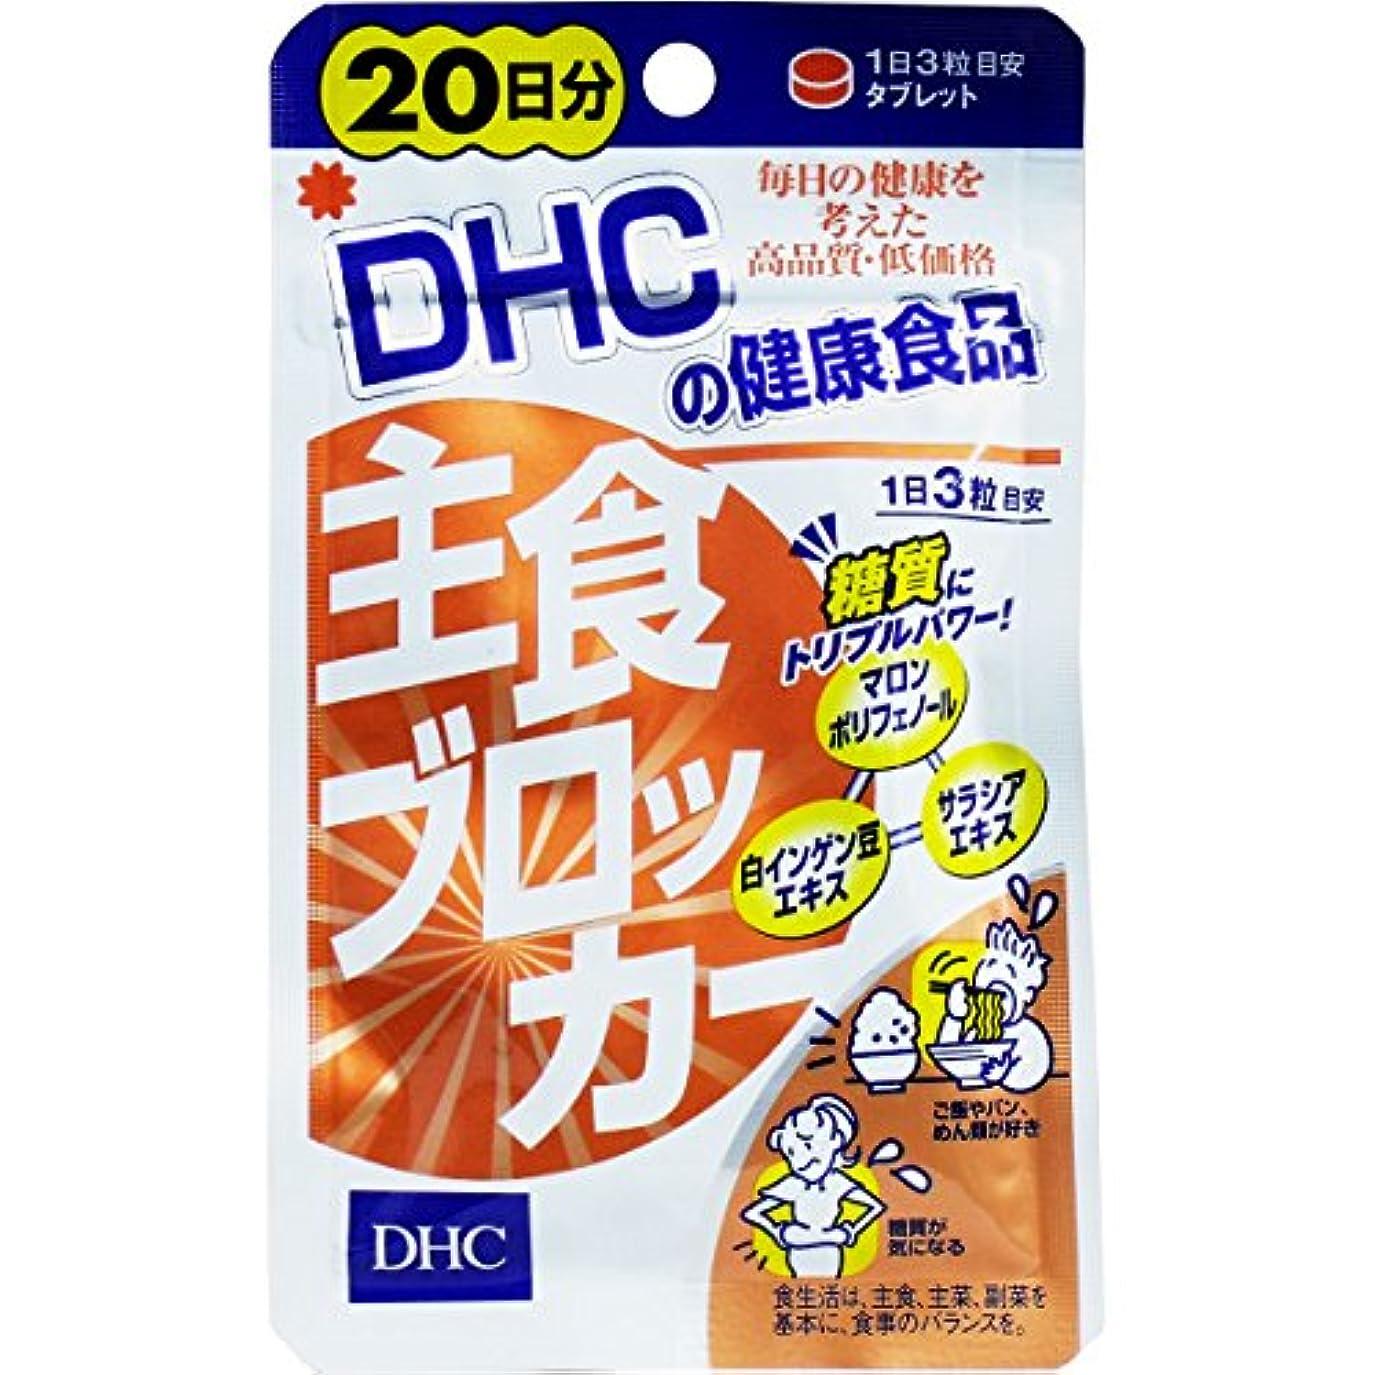 報復するシード手伝うダイエット トリプルパワーでため込み対策 栄養機能食品 DHC 主食ブロッカー 20日分 60粒入【5個セット】